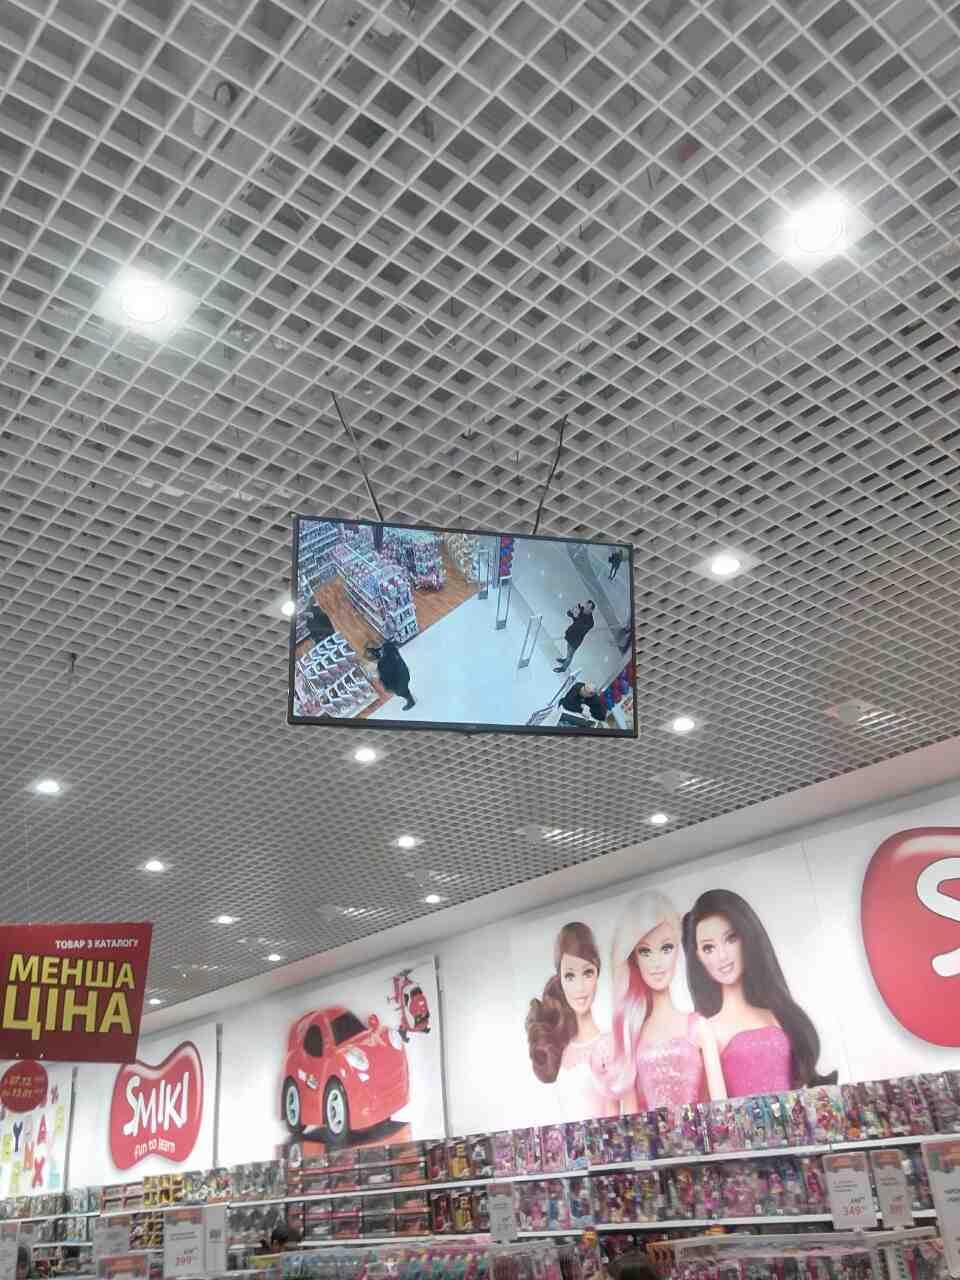 магазин детских игрушек смик установка телевизоров, телевизионных панелей фото